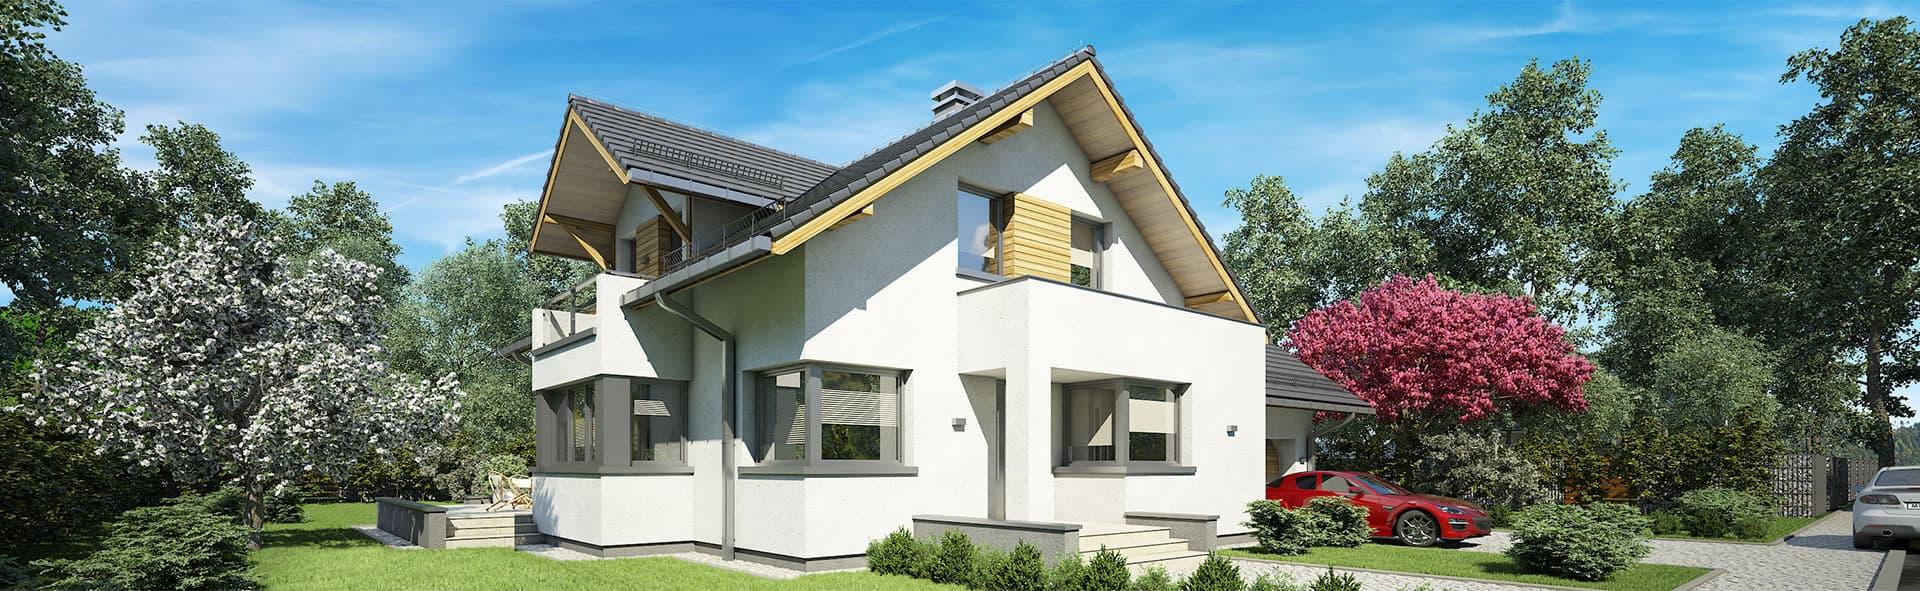 Projekt domu Muscat - wygoda i nowoczesność